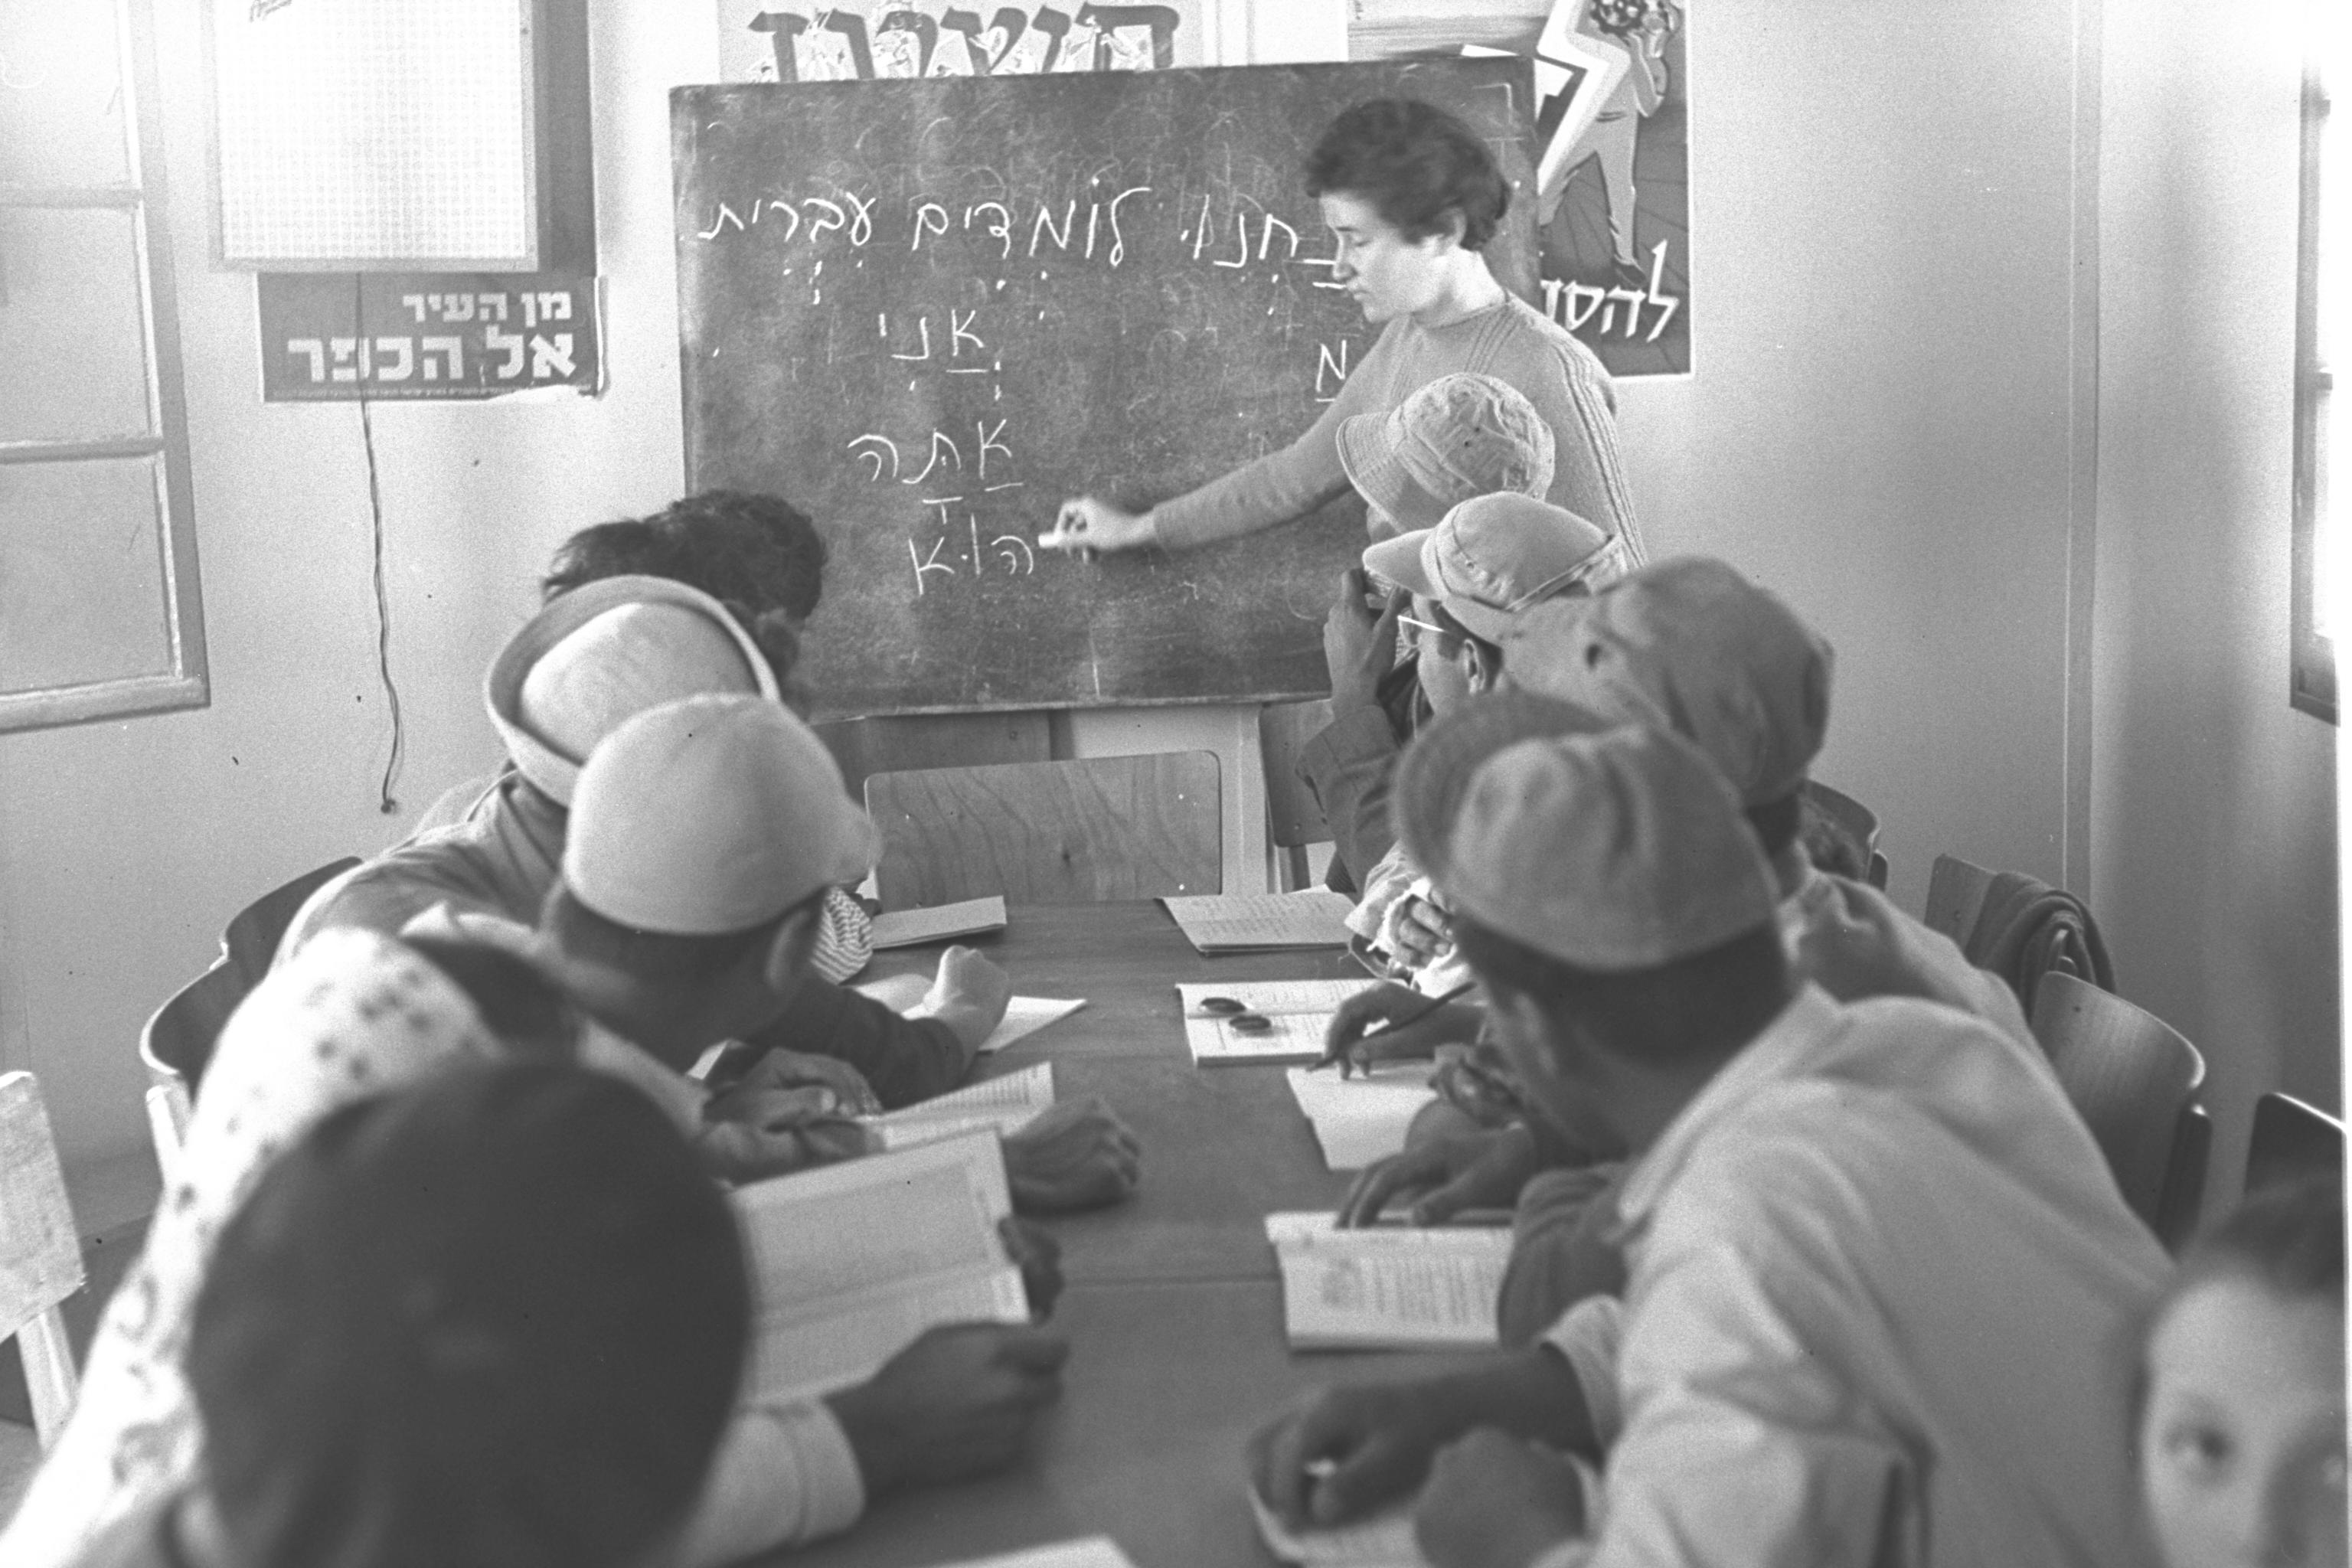 L'hébreu à travers la musique israélienne